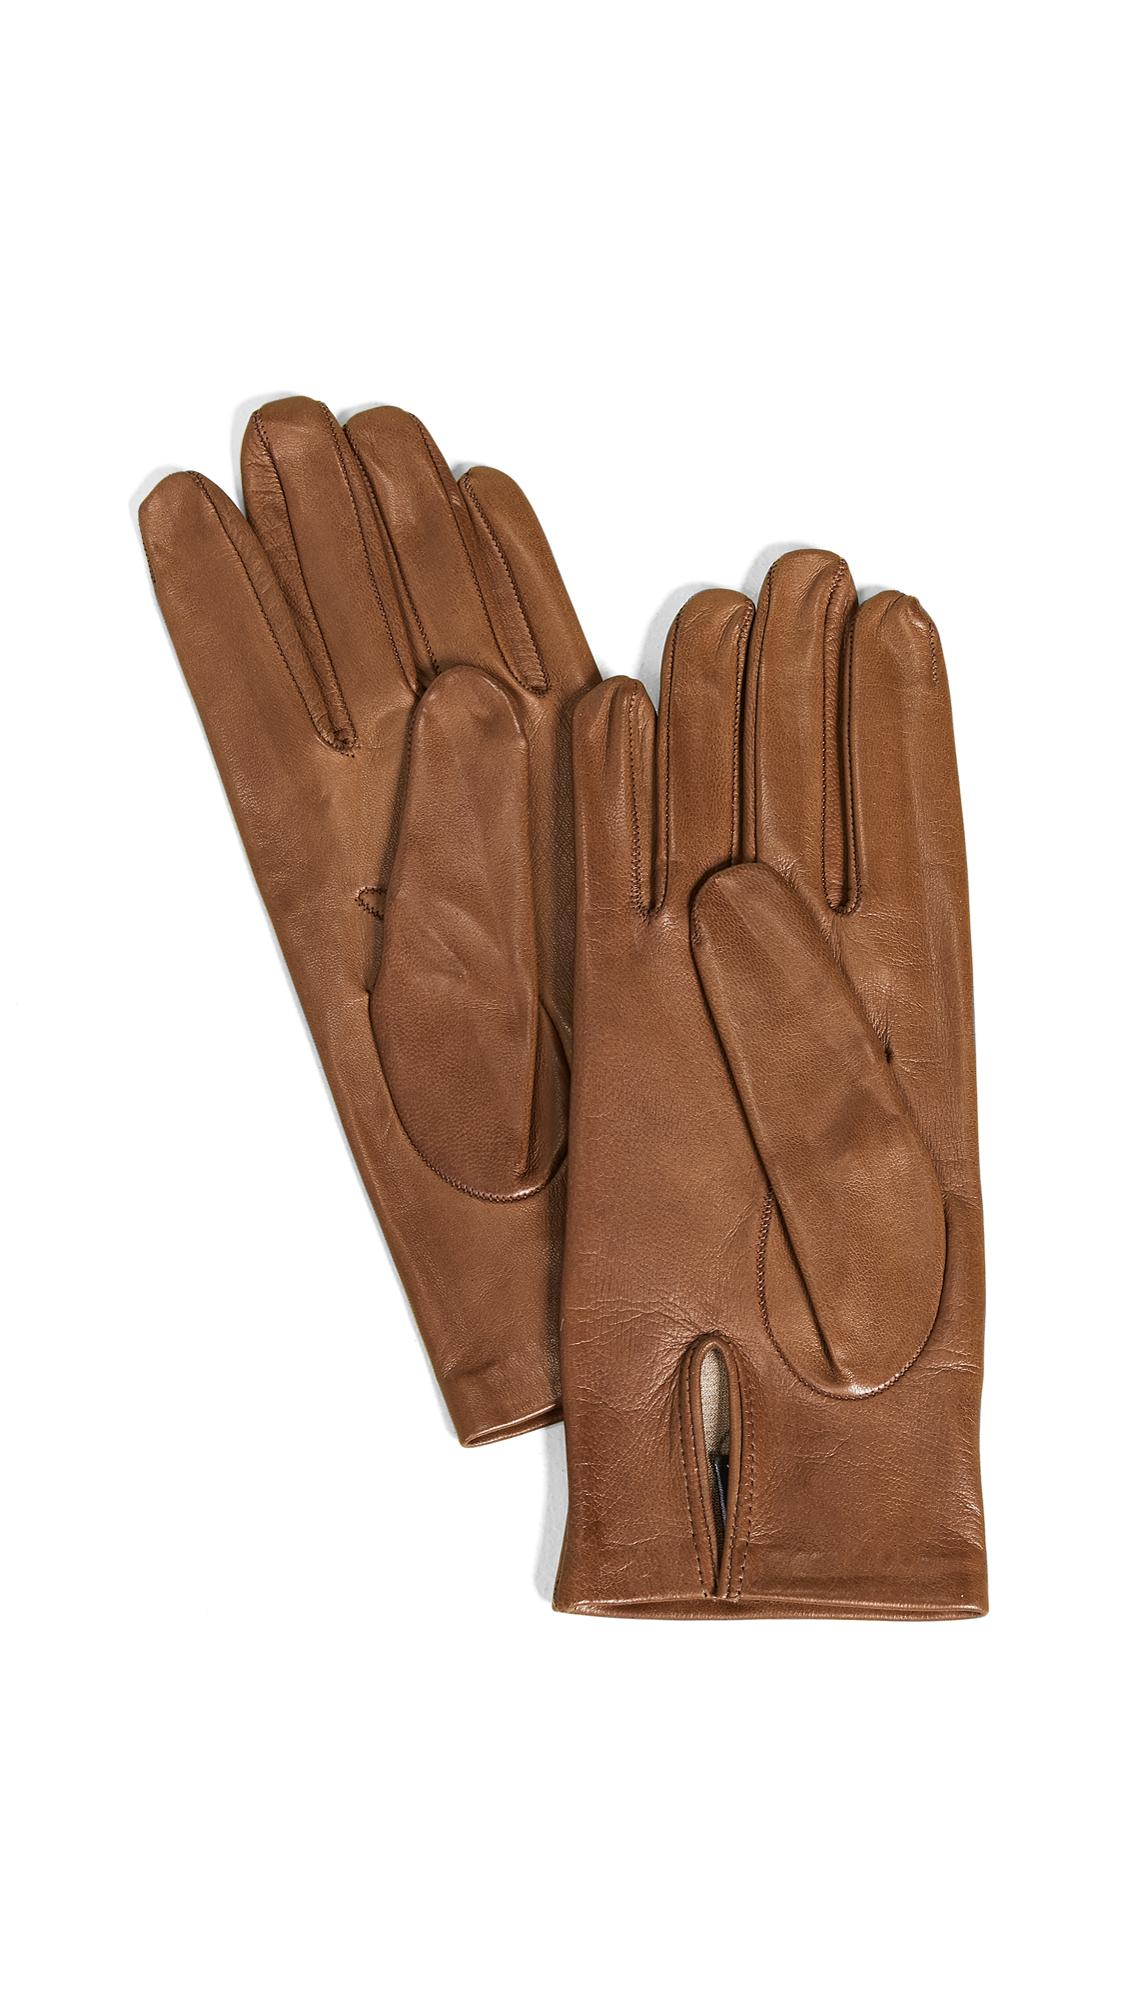 CAROLINA AMATO Full Leather Gloves in Camel